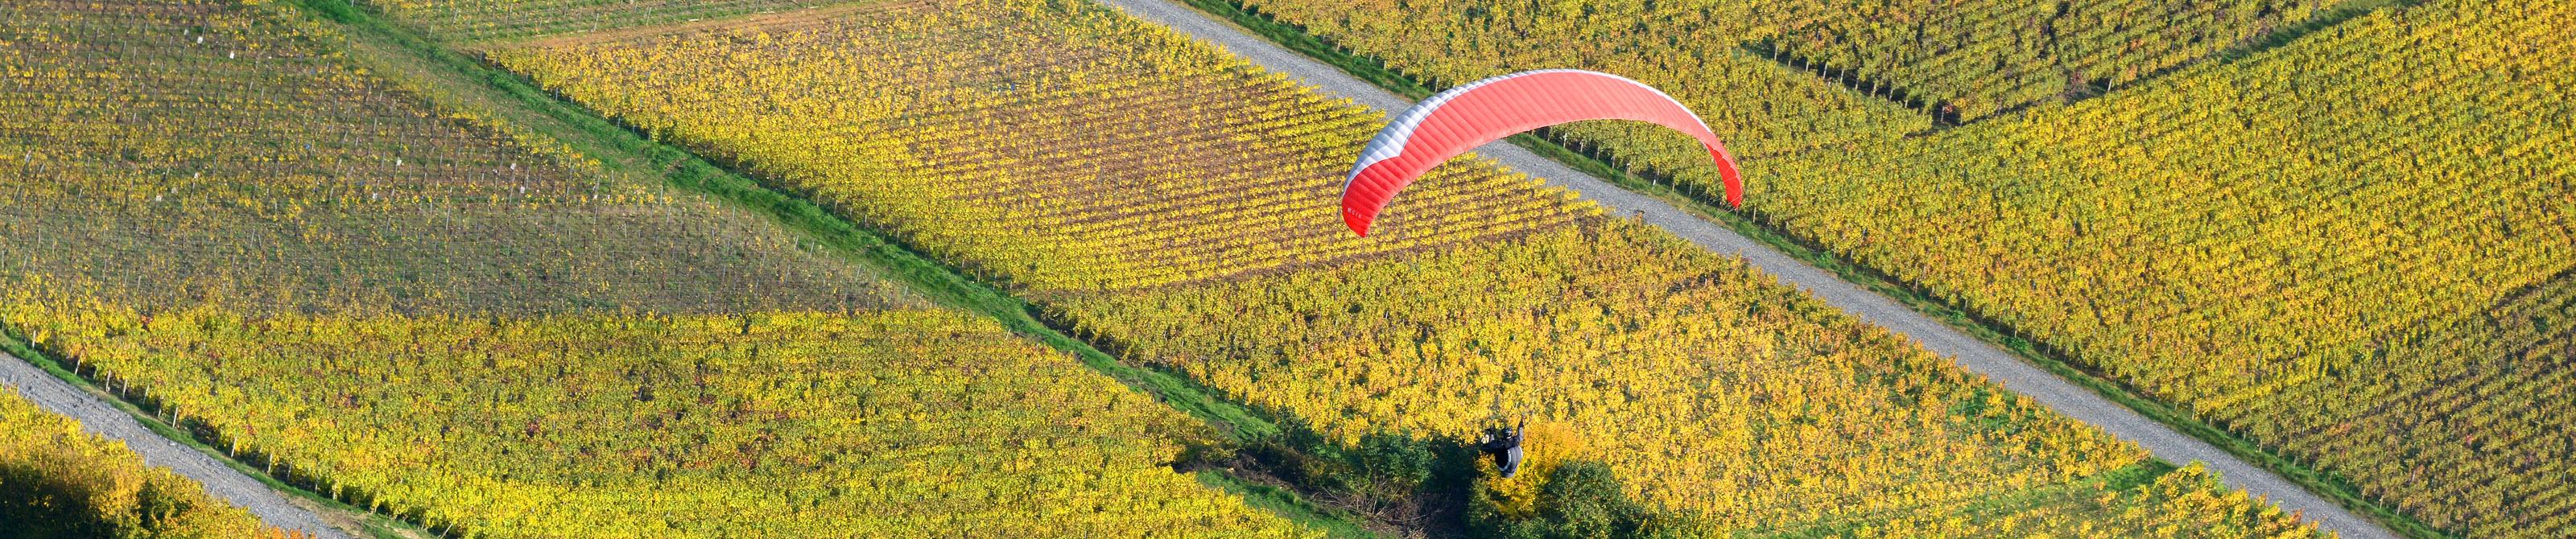 Vignes Champagne Château Th - 02